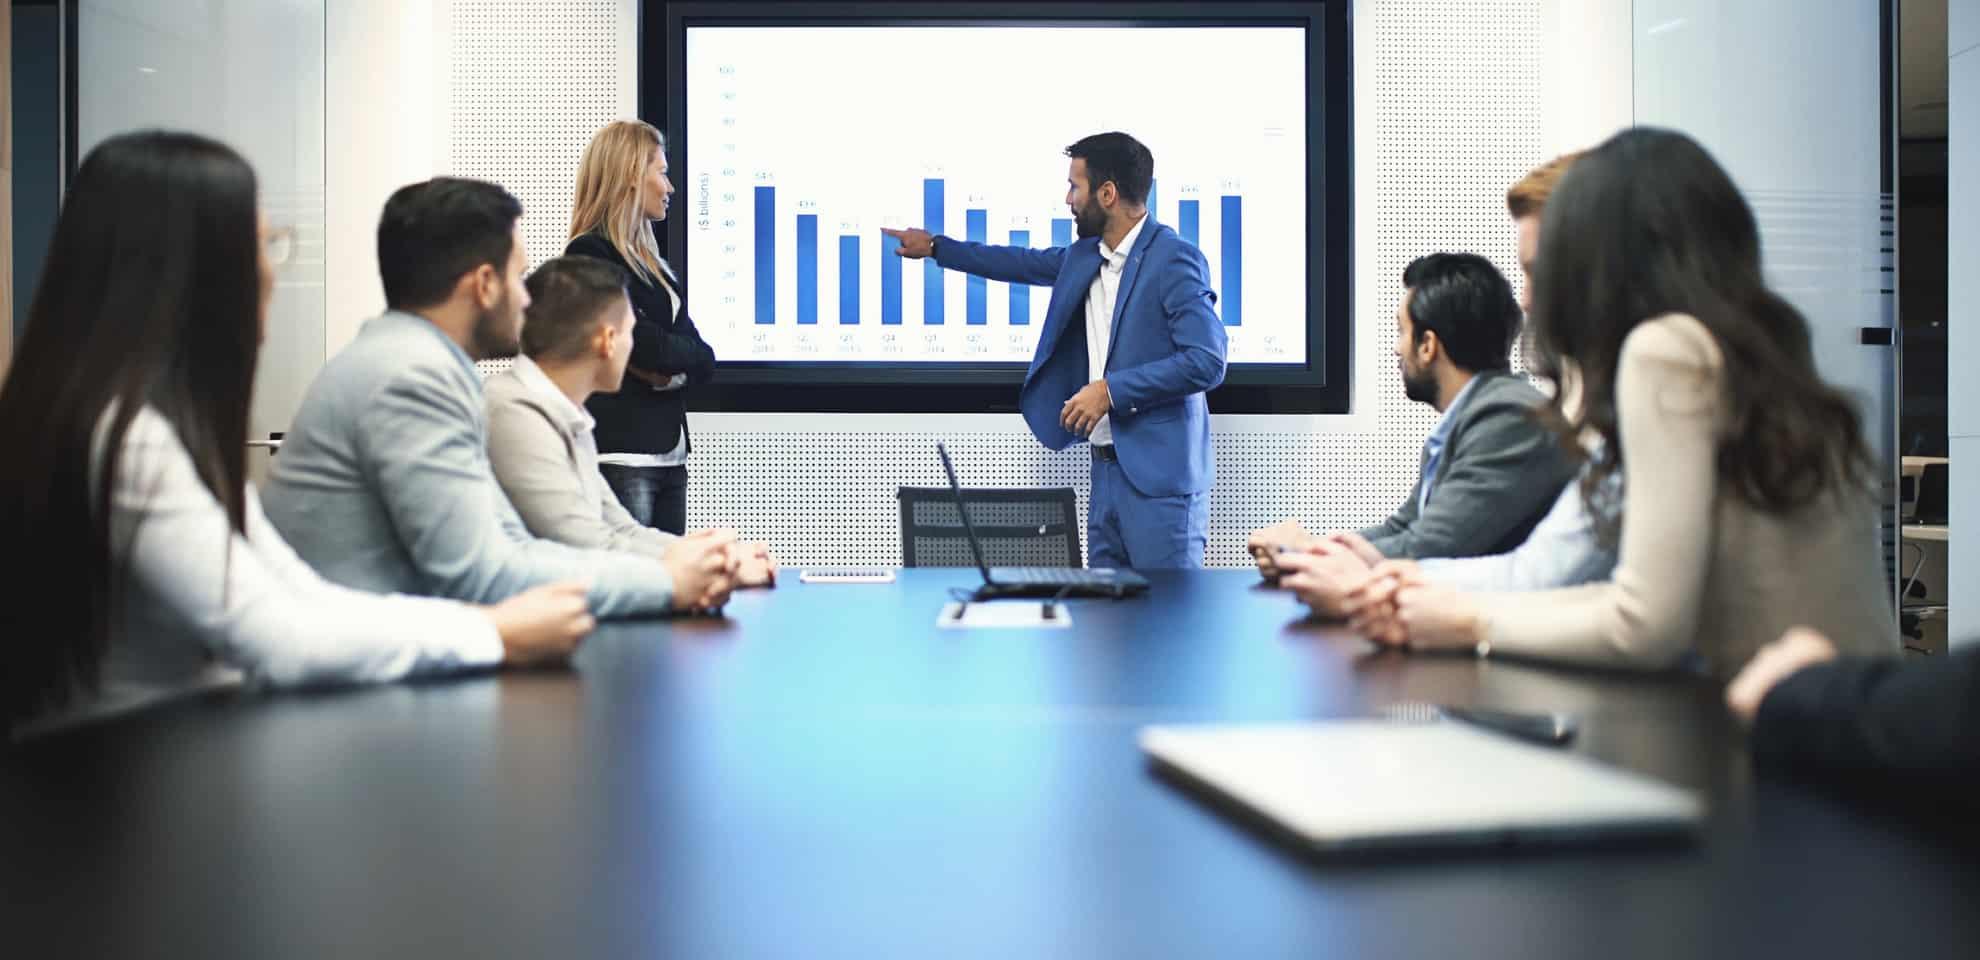 Πώς υποβάλλονται οι δηλώσεις αναστολές συμβάσεων εργασίας για τον Μάιο